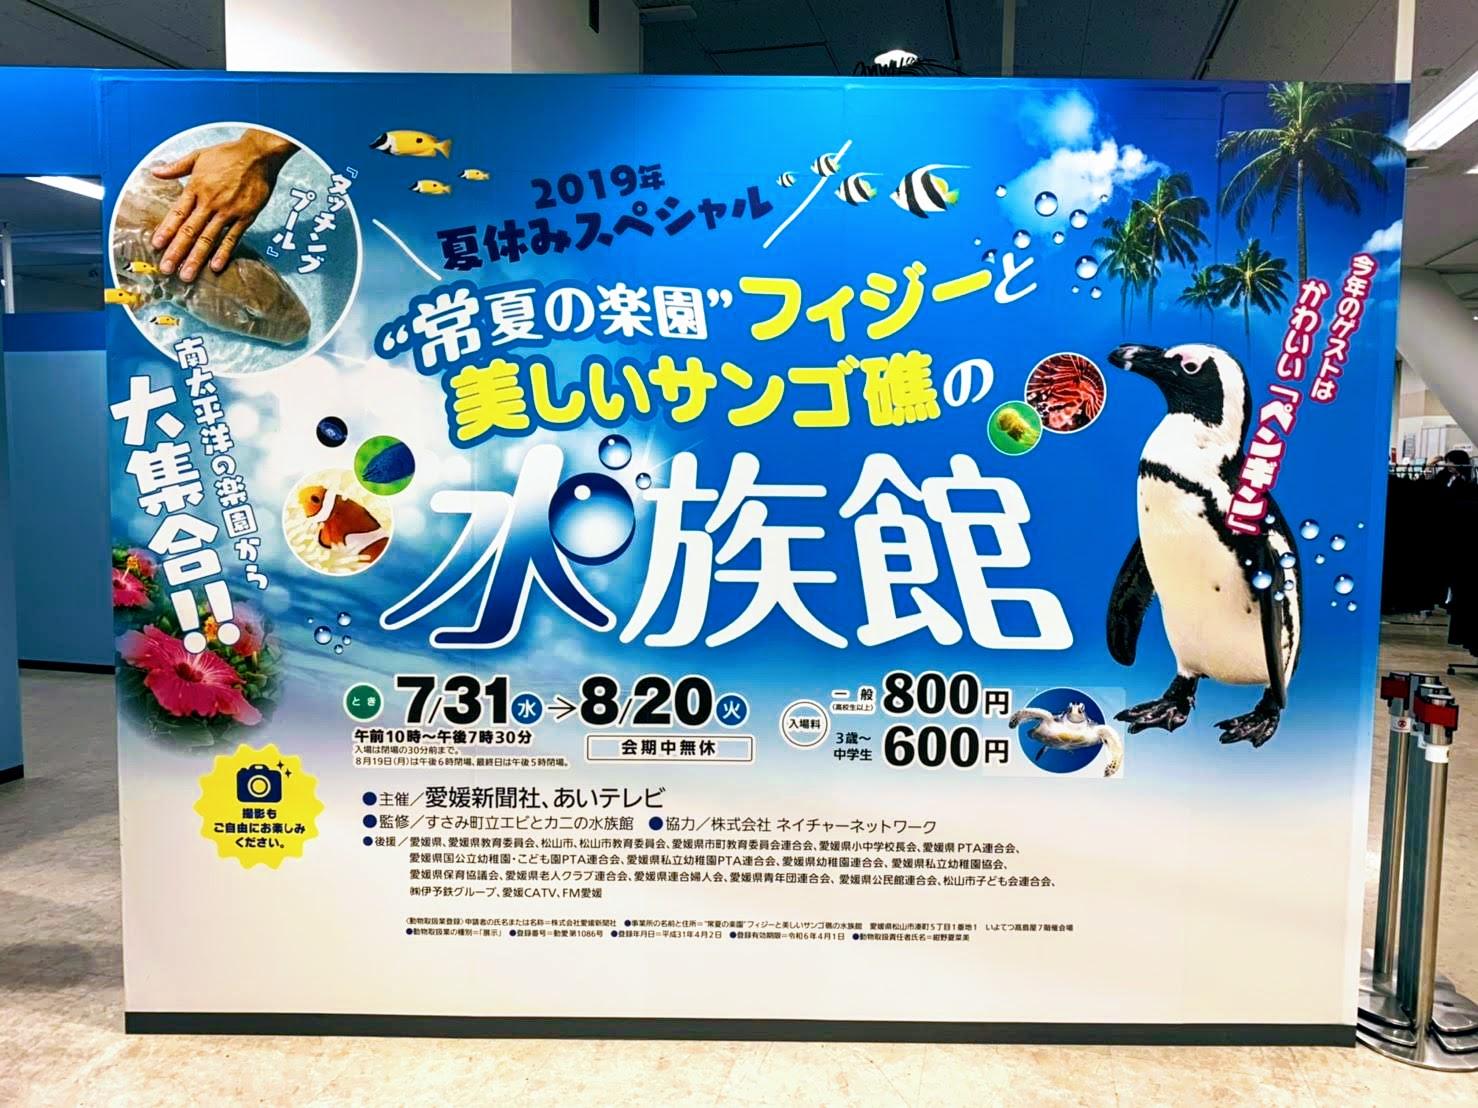 """いよてつ高島屋で2019夏限定開催!「""""常夏の楽園""""フィジーと美しいサンゴ礁の水族館」の見どころをご紹介します!"""